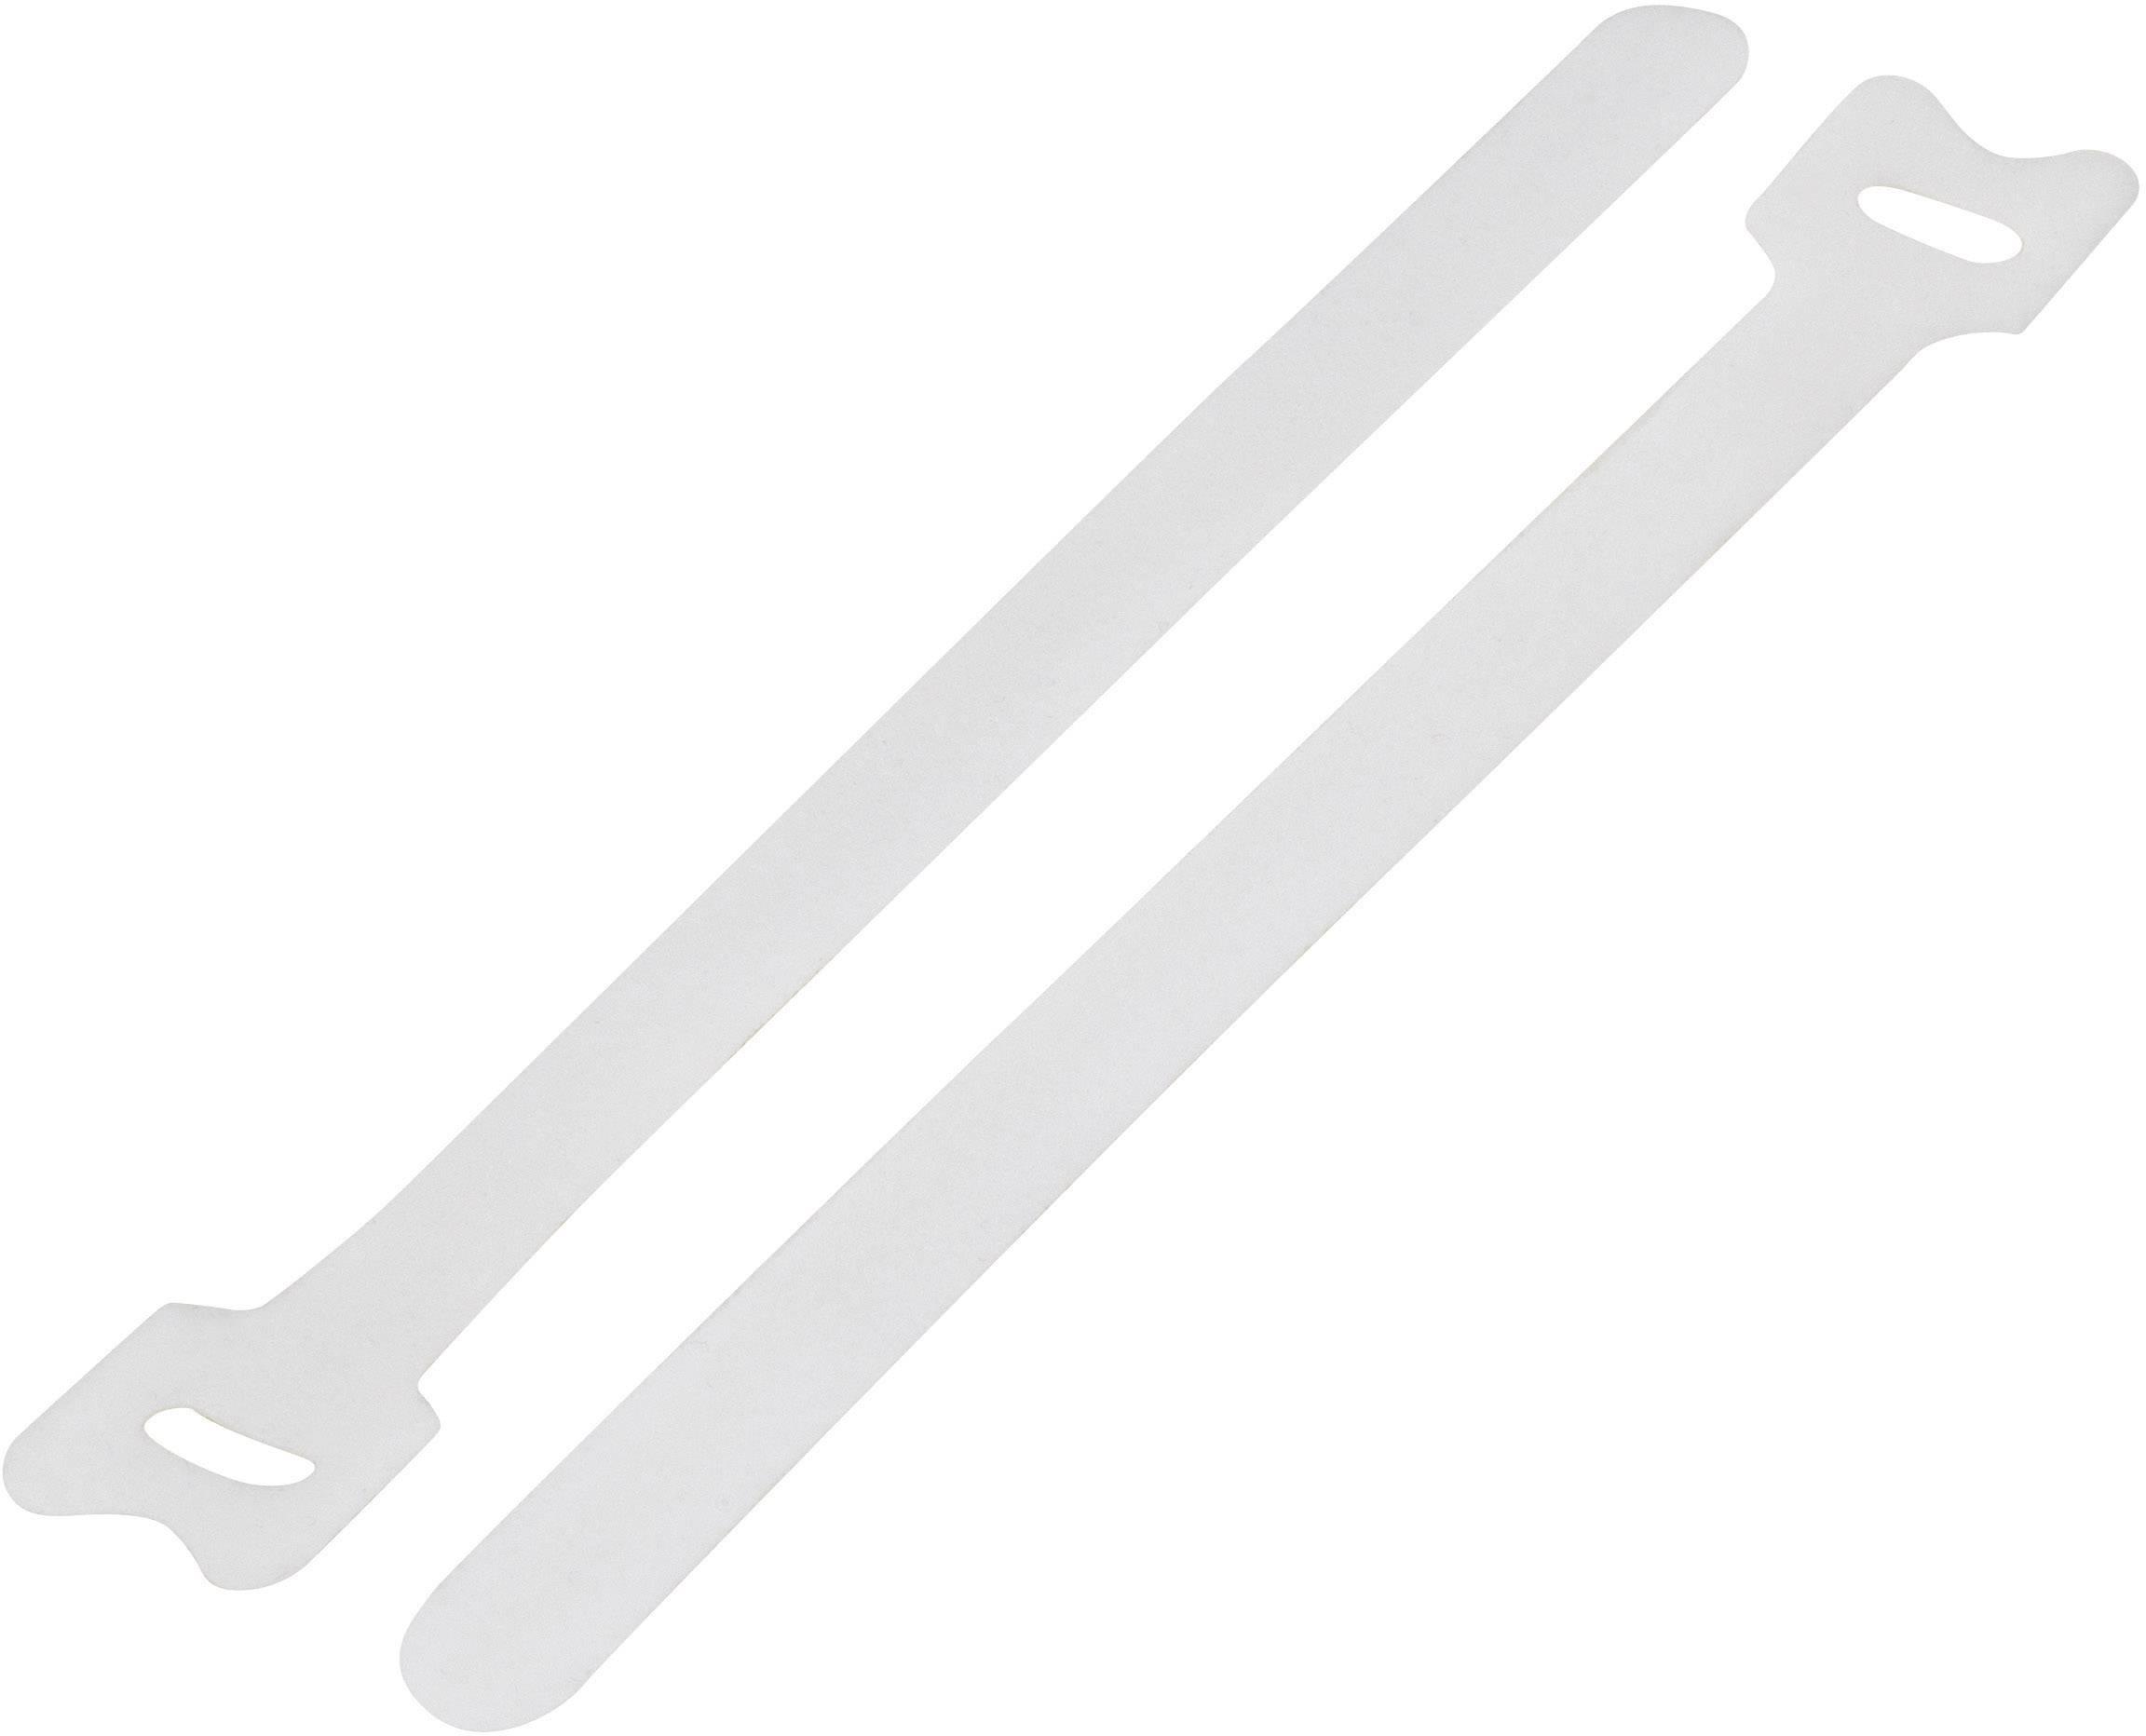 Káblový manažér na suchý zips KSS MGT-125WE, (d x š) 125 mm x 12 mm, biela, 1 ks